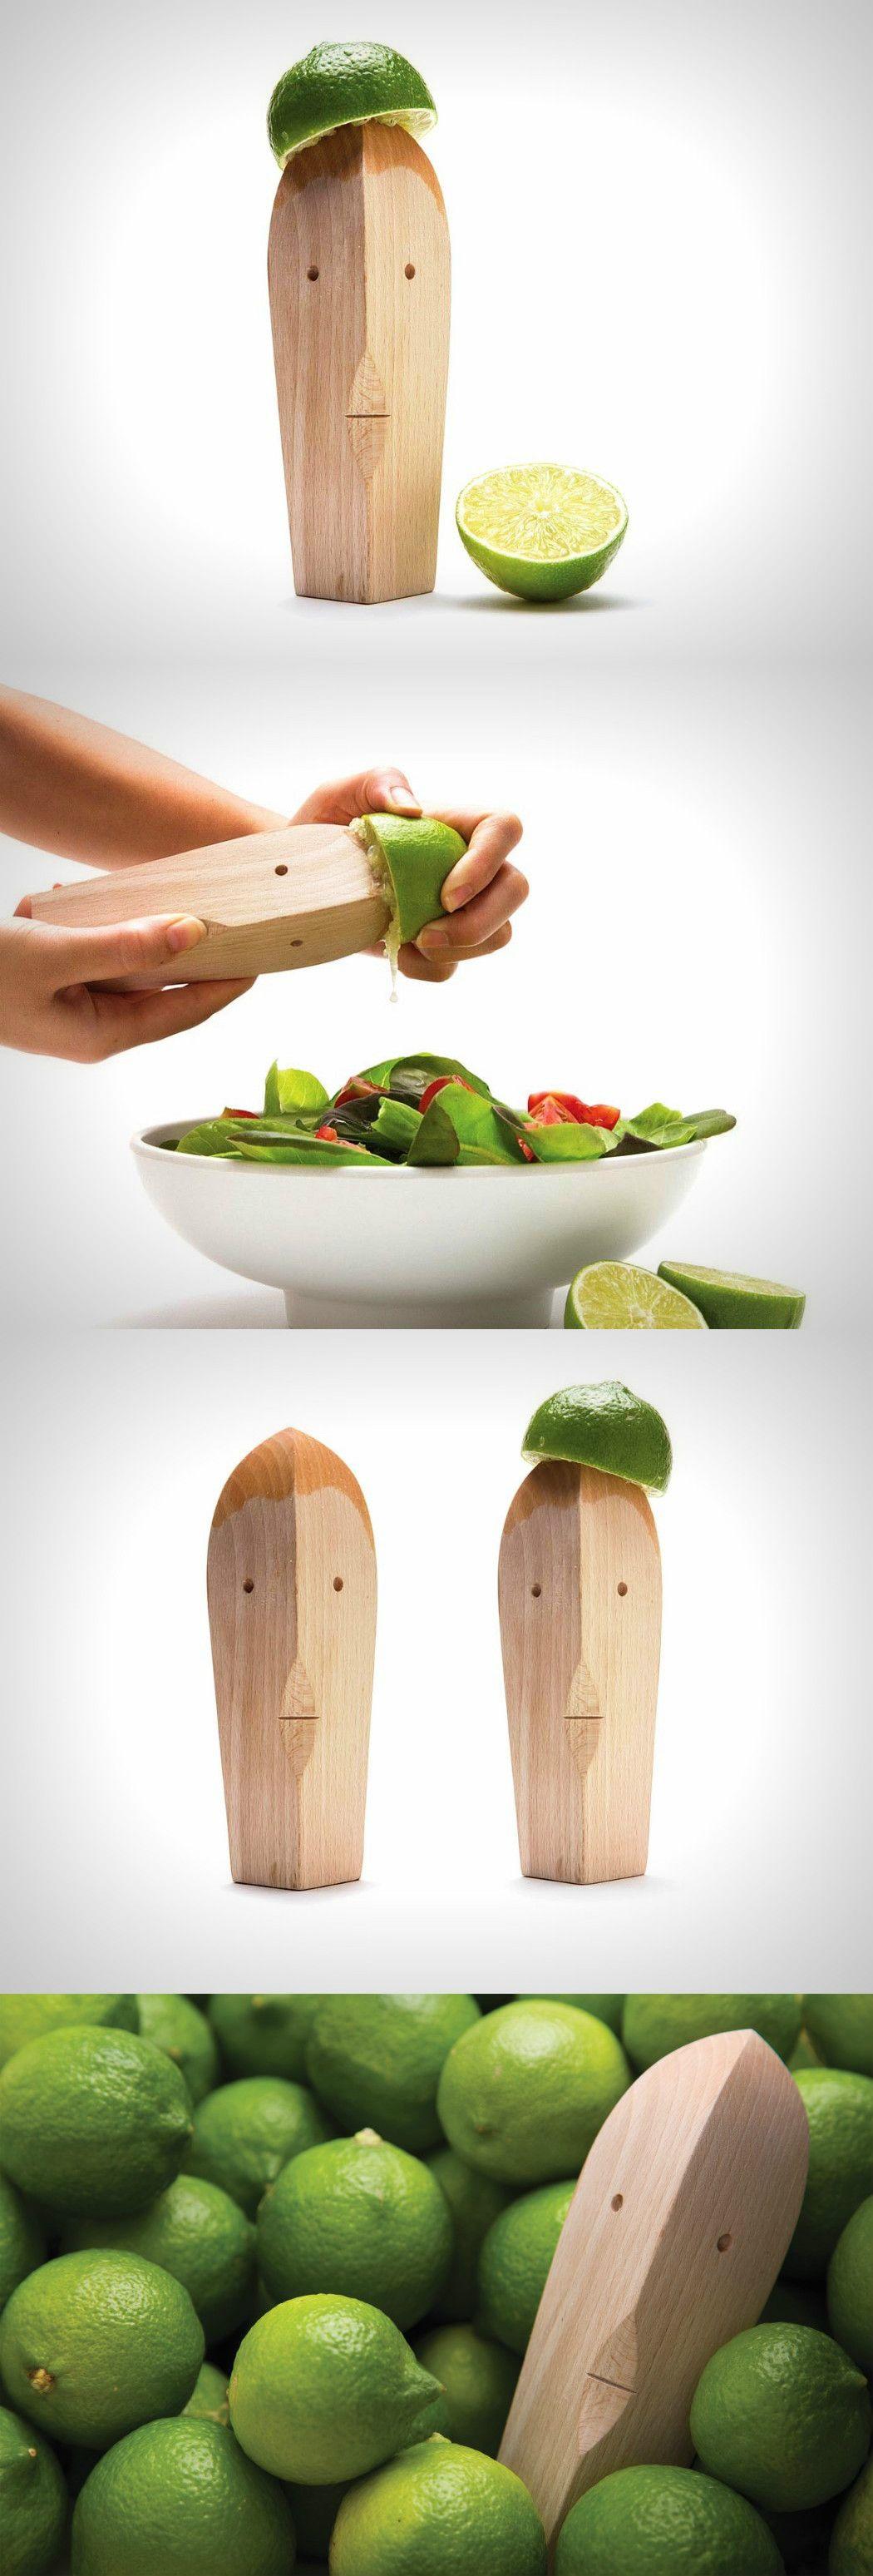 Le presse agrumes bruce en bois | Accessoires cuisine